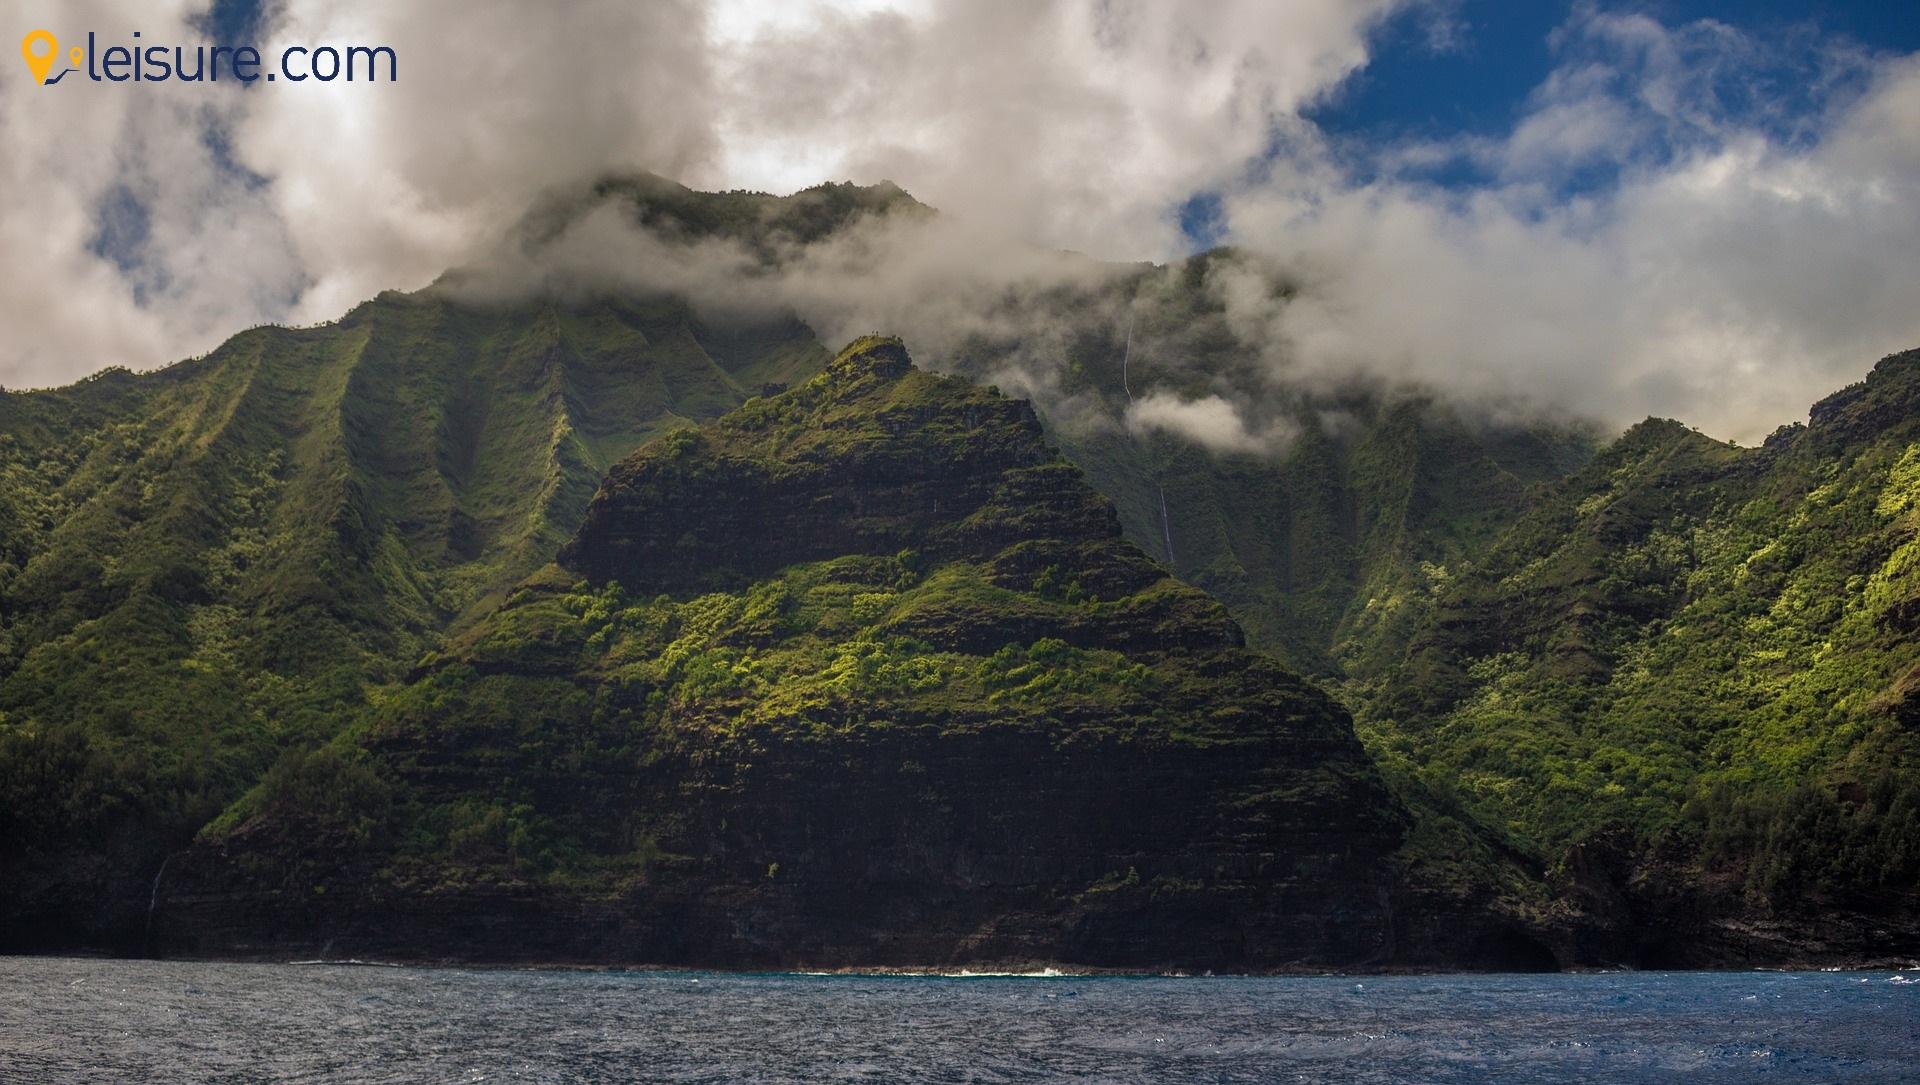 hawaii beach daylight